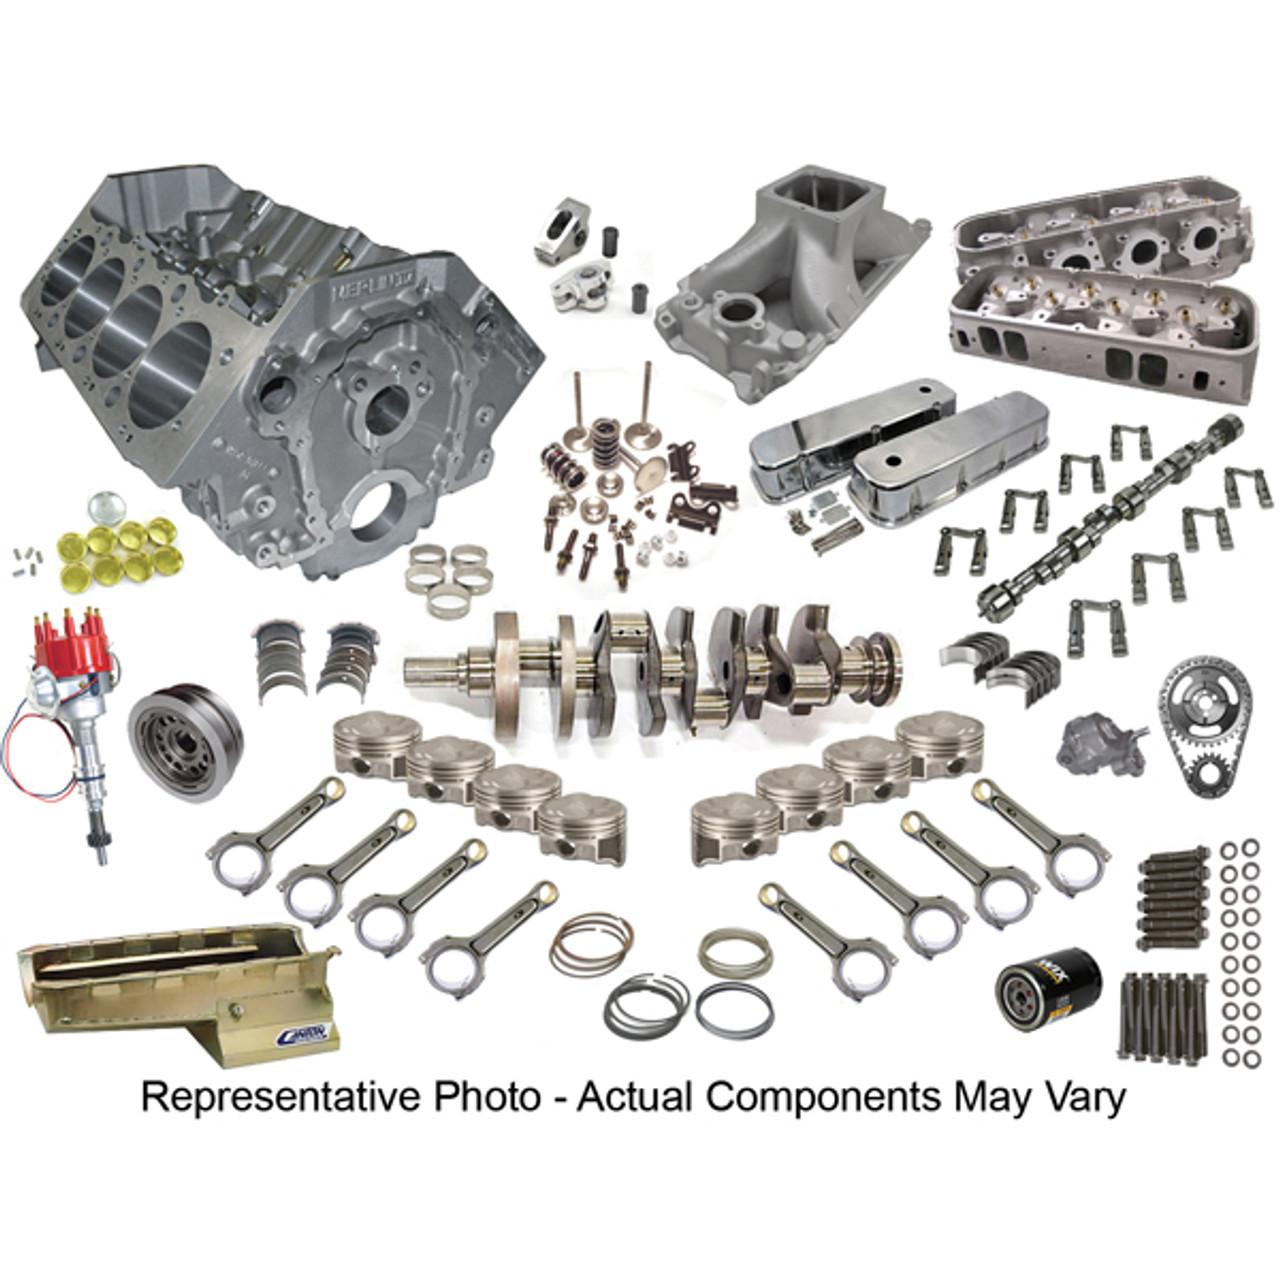 Big Block Chevy 540 Cid 750 Hp Street Strip Engine Package